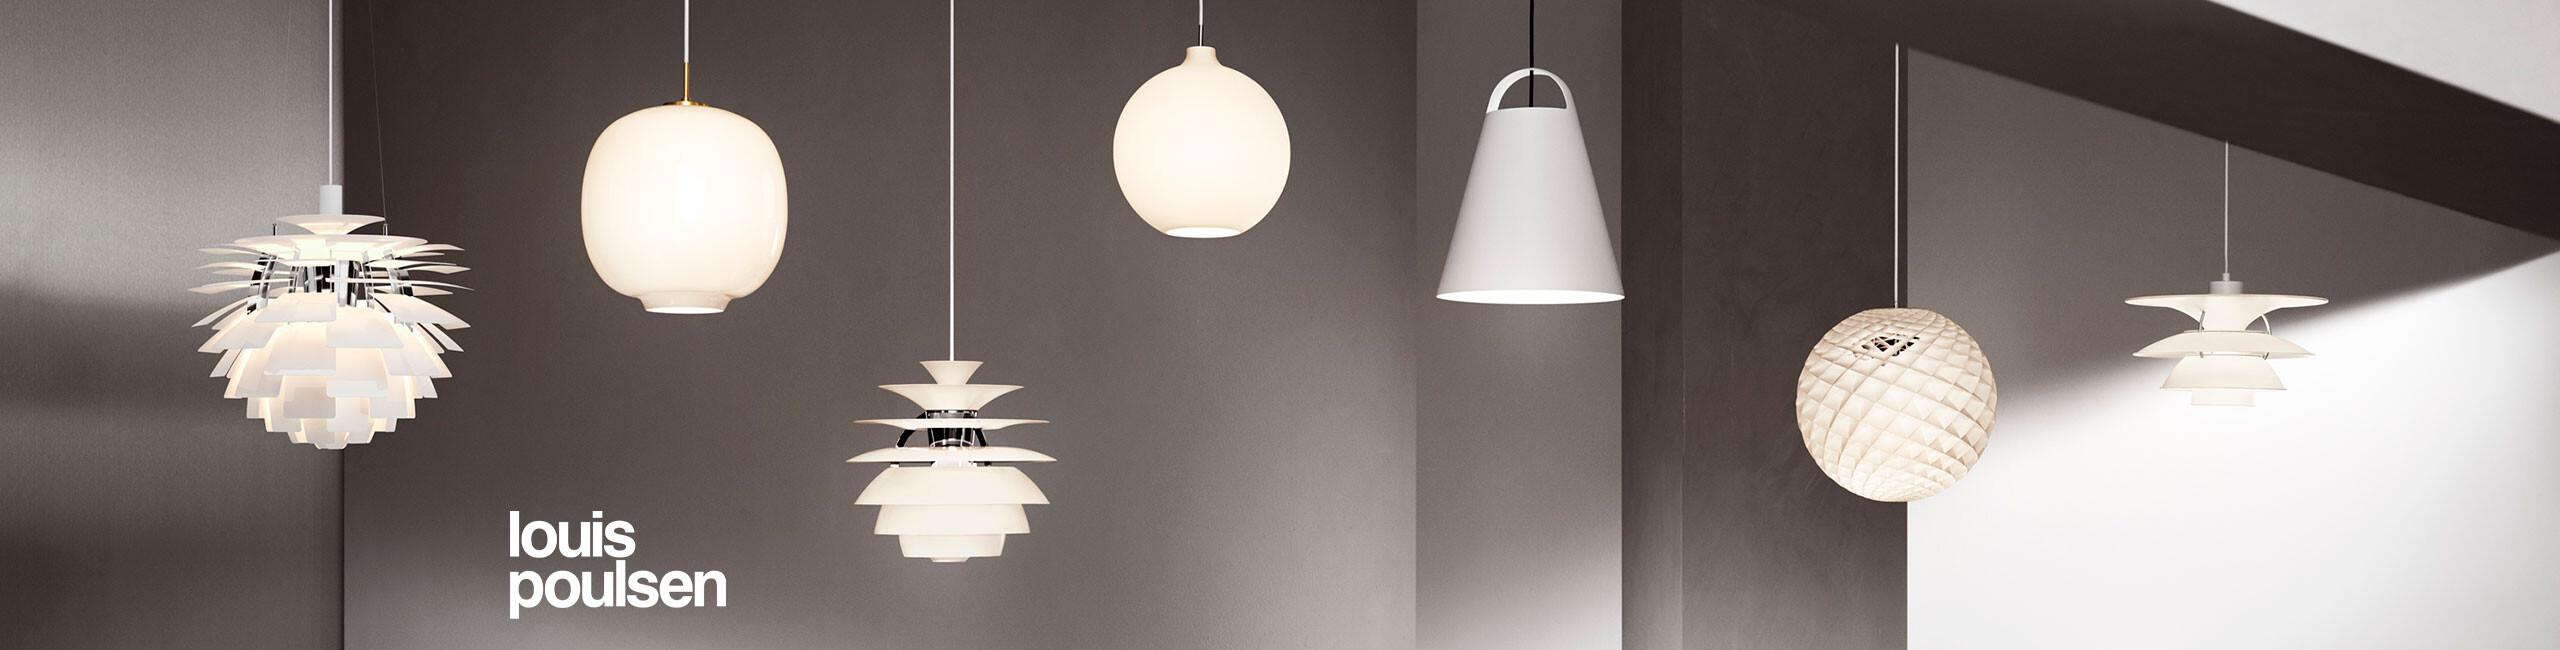 Dansk designer lampe i hvid plast | Lampe design, Lampe, Diy